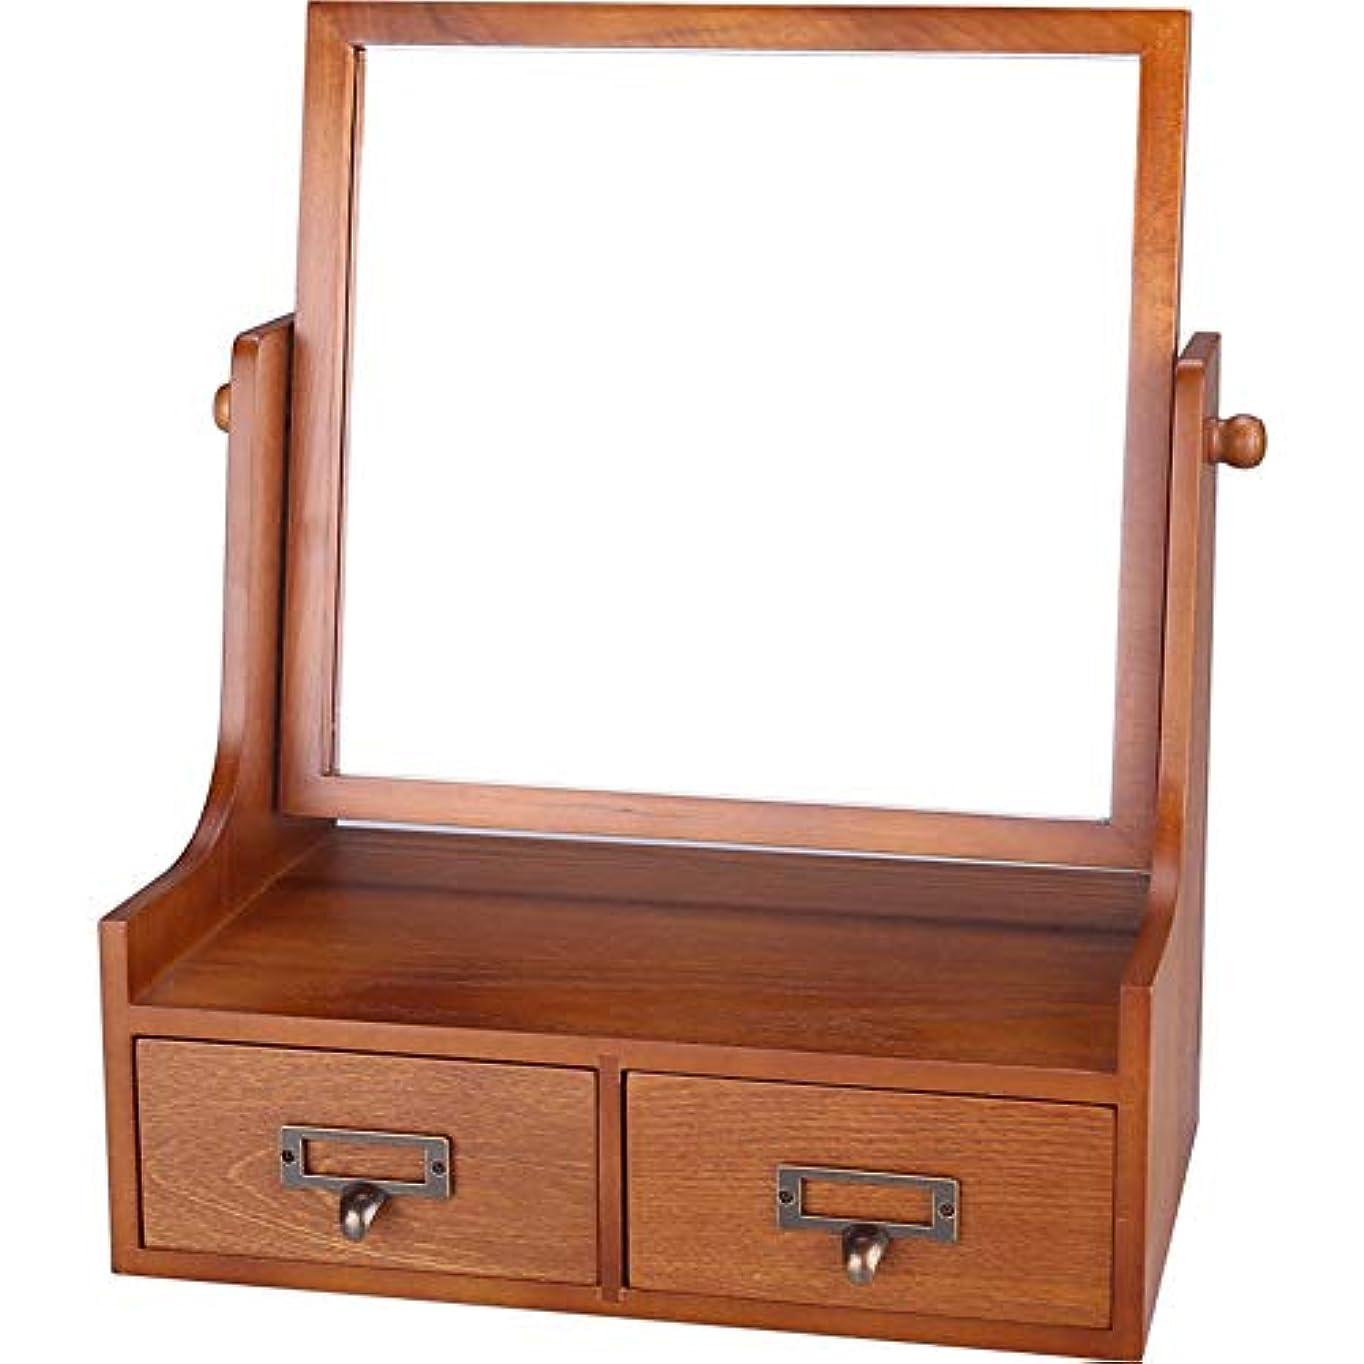 章シーフード空虚化粧品収納ボ- メボックス 鏡台 卓上収納 化粧入れ 旅行収納 小物収納 360度回転32.5x20x39cm大容量